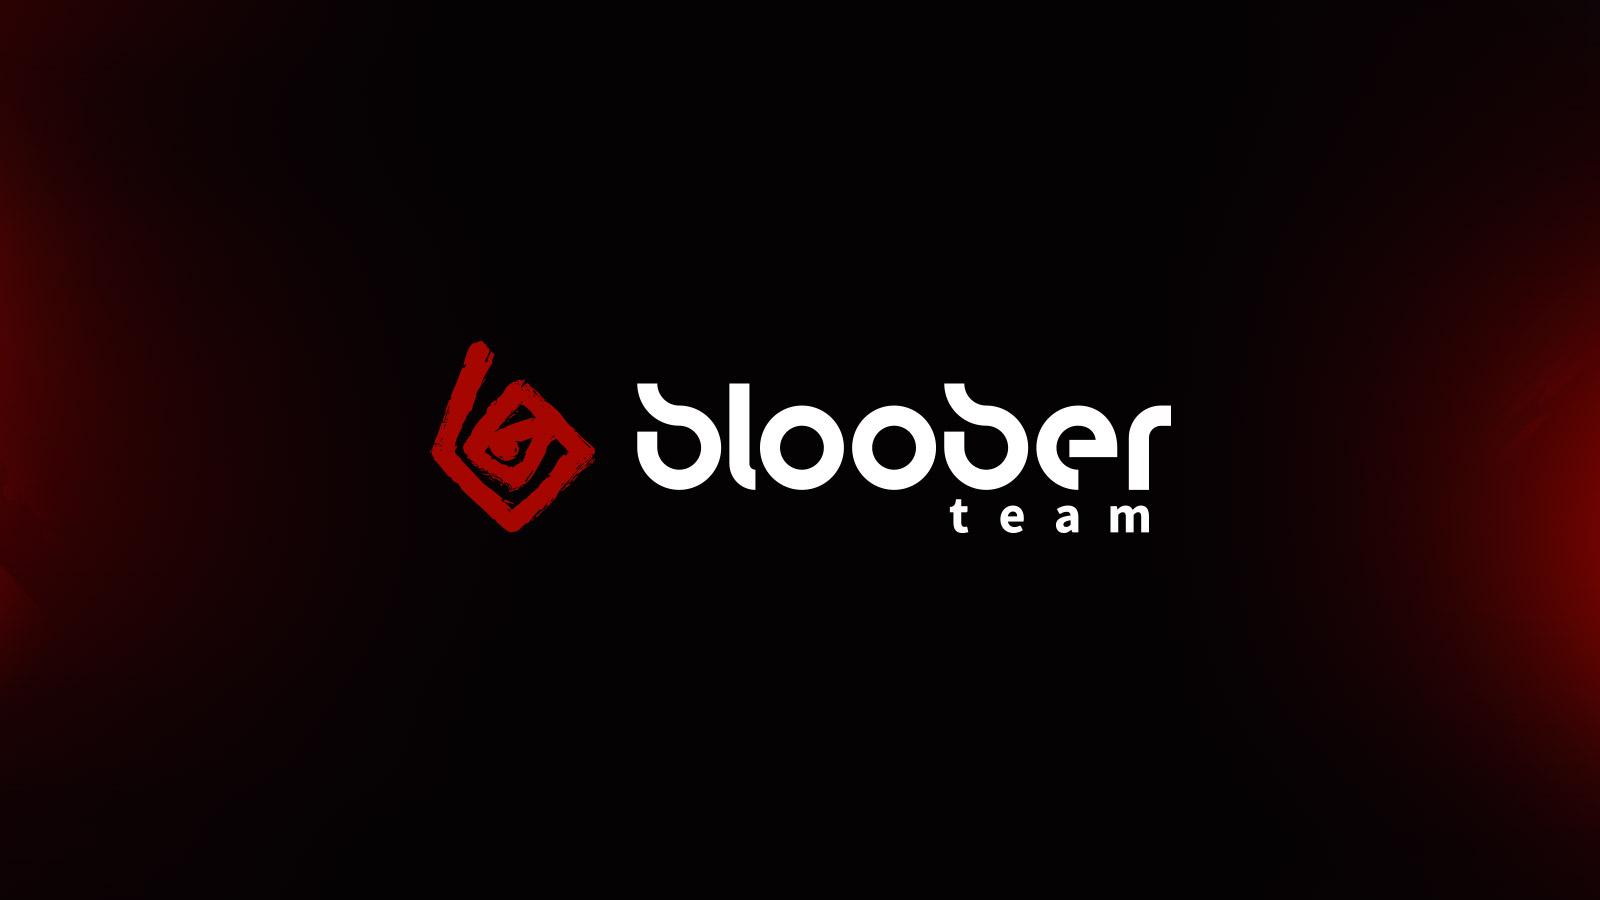 【サイレントヒル新作か?】コナミとBlooberが戦略的パートナーシップを締結